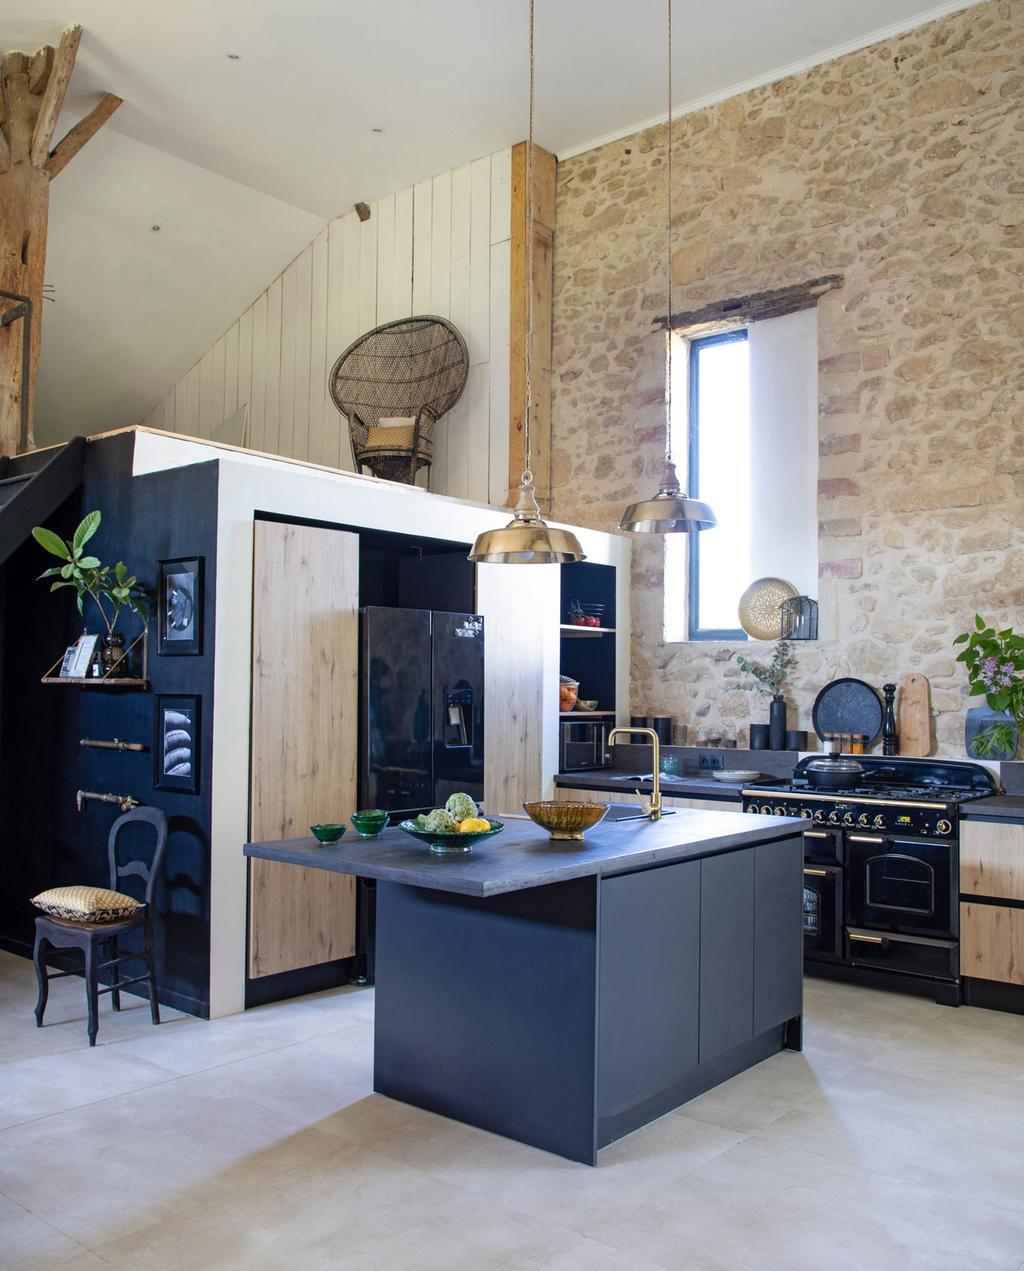 vtwonen 05-2021 | zwarte keuken met oude stenen muur